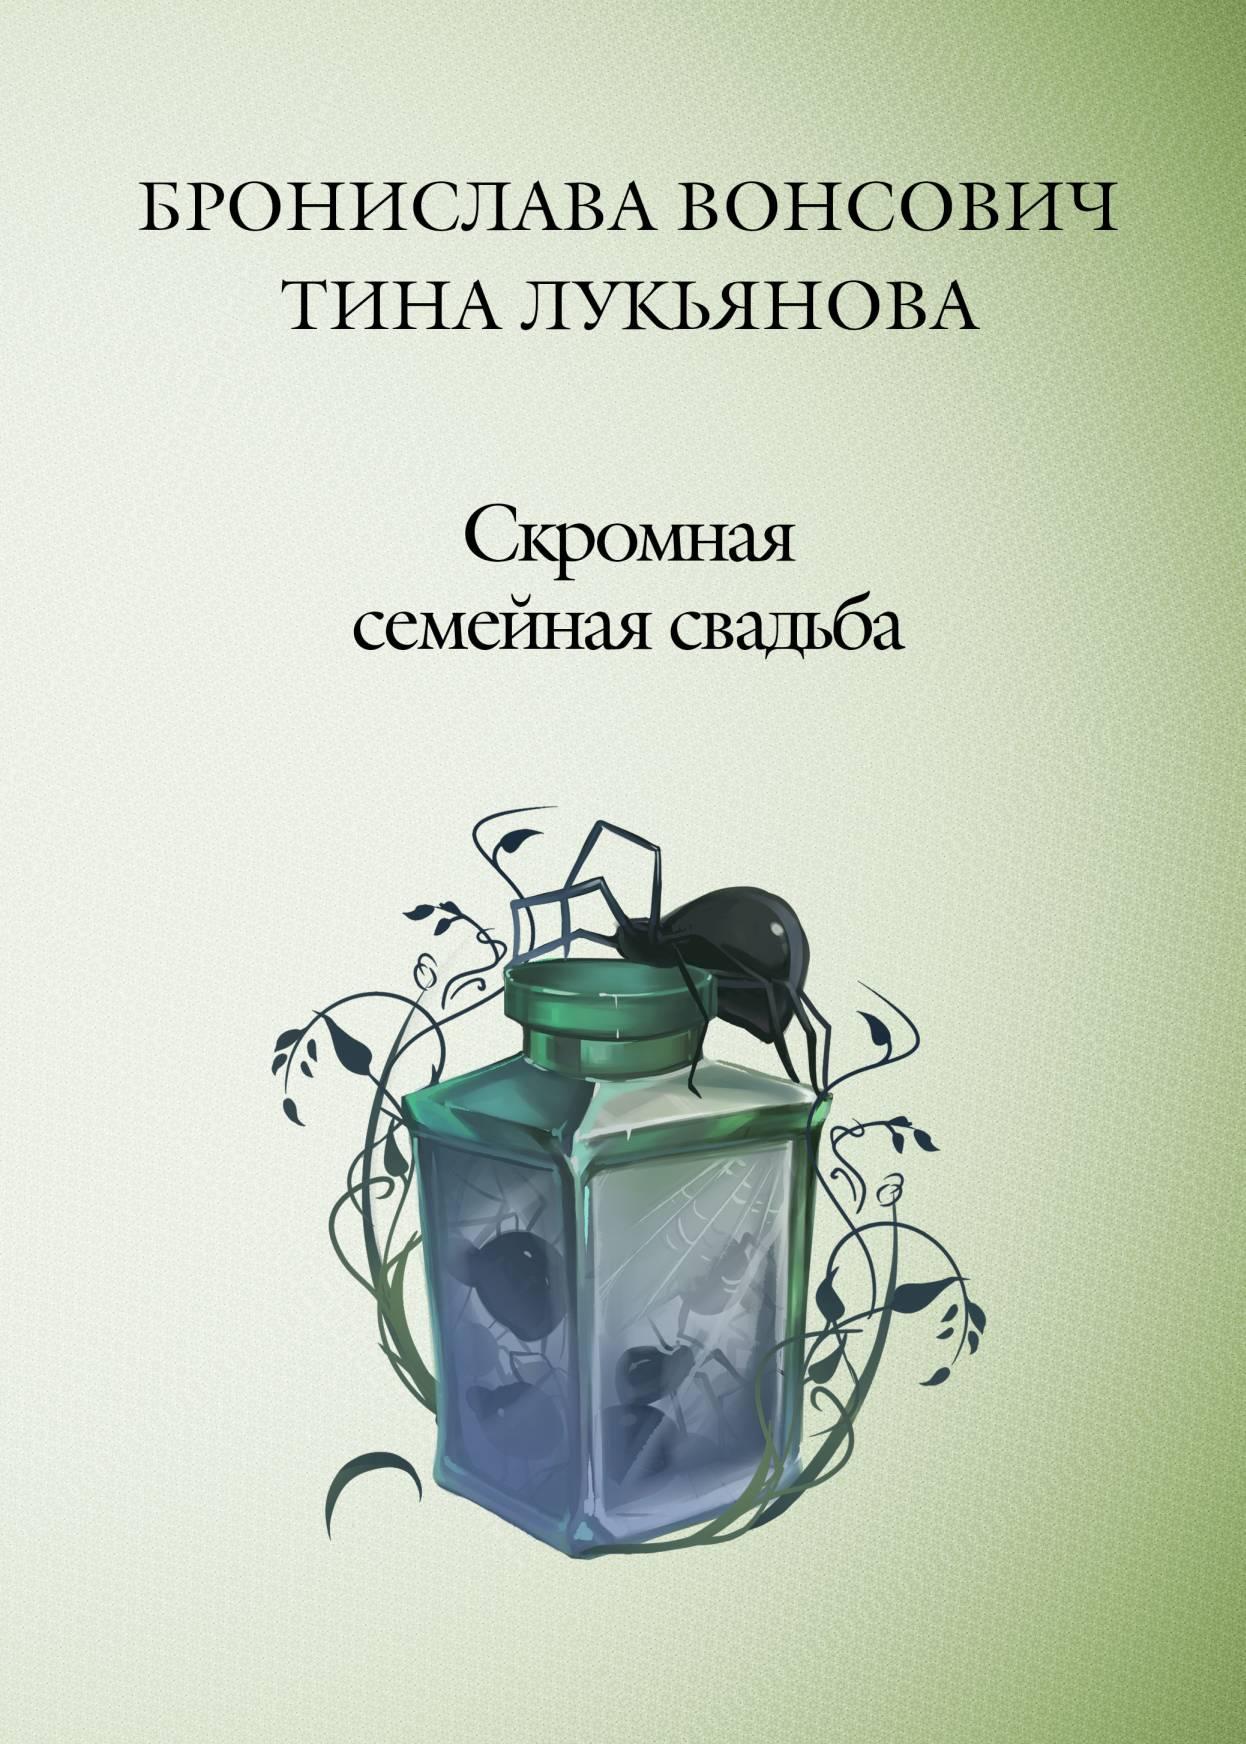 Бронислава Вонсович Скромная семейная свадьба бронислава вонсович лорийская гидра